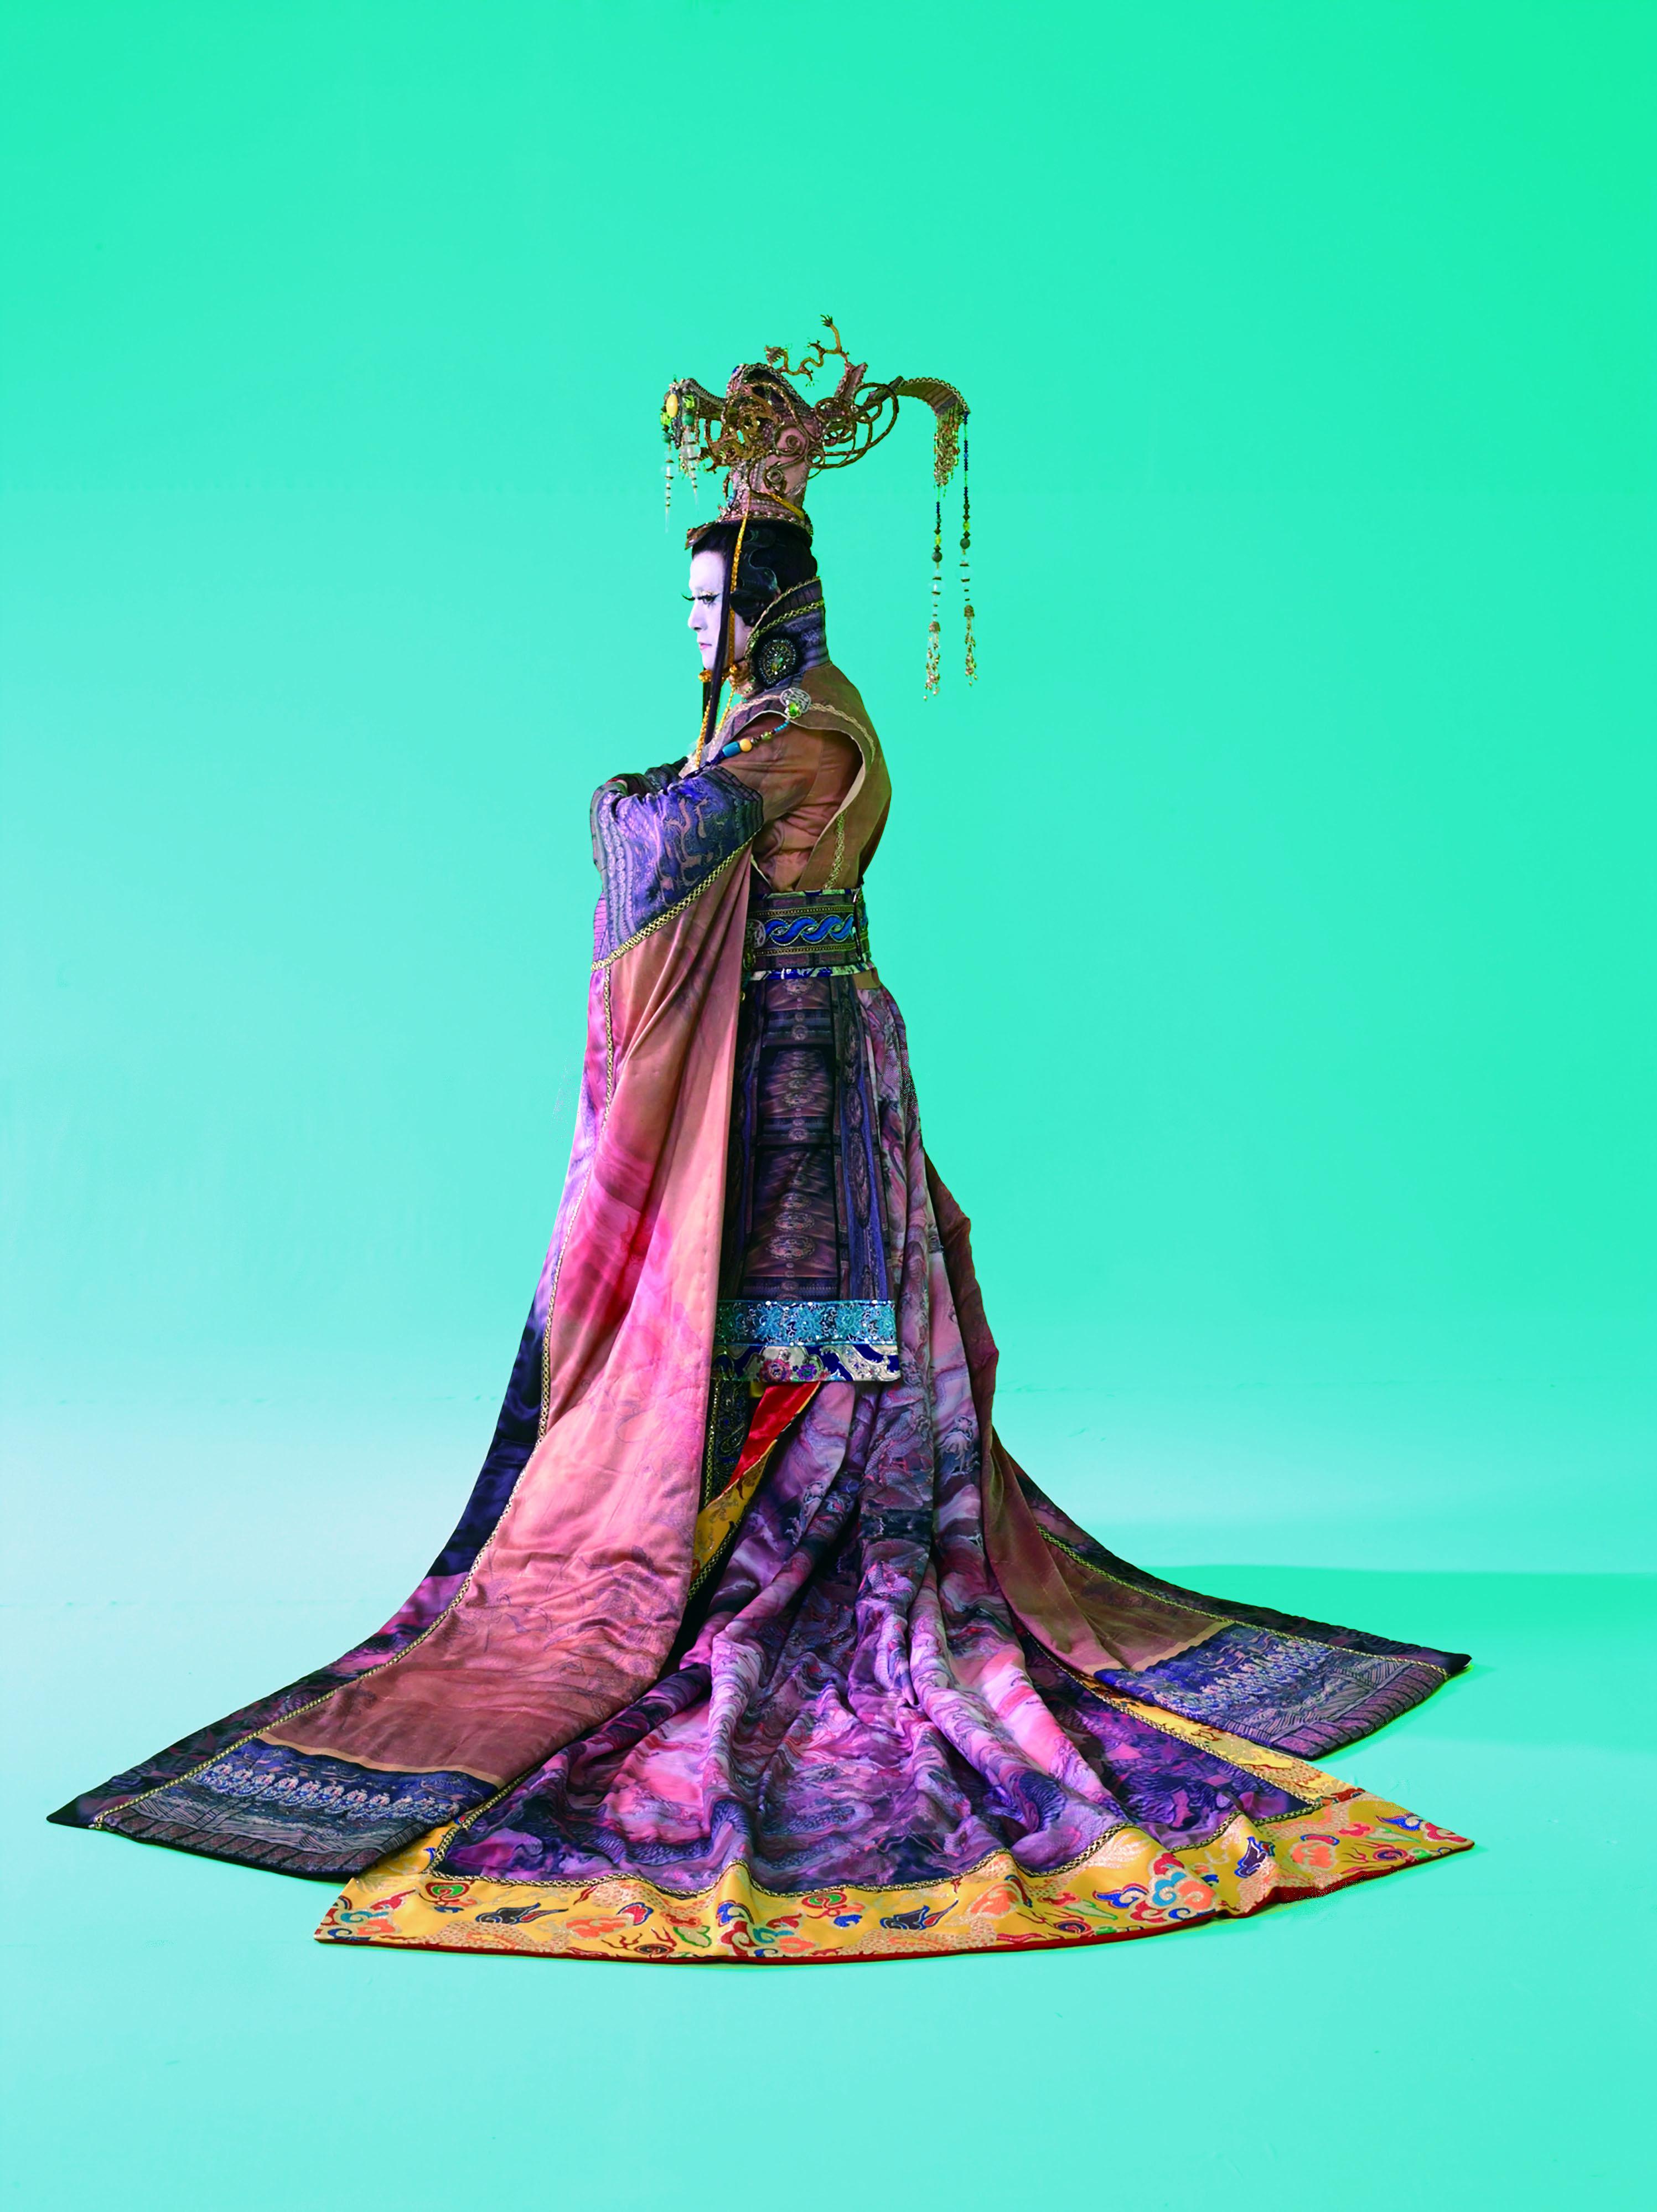 在《蕩寇誌》中,吳興國飾演宋江和宋徽宗兩角,飾演兩不一樣的角色時,兩者個性鮮明,演技傳神。.jpg